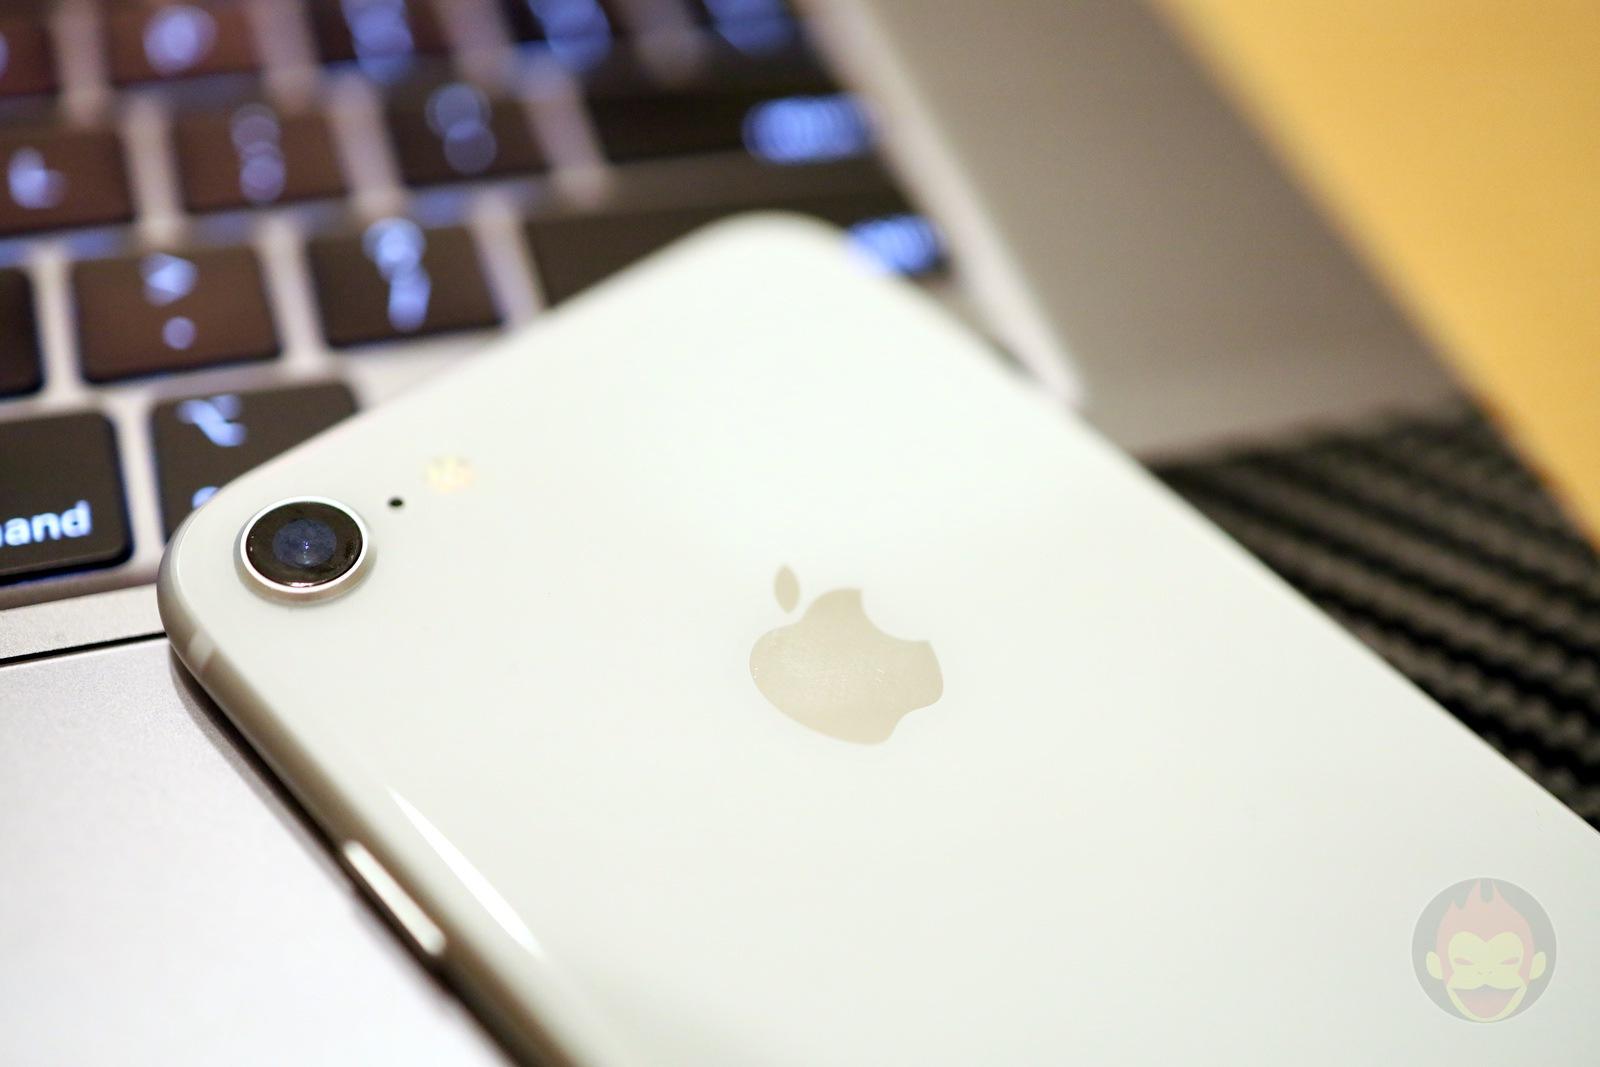 iphone 8 keyboard